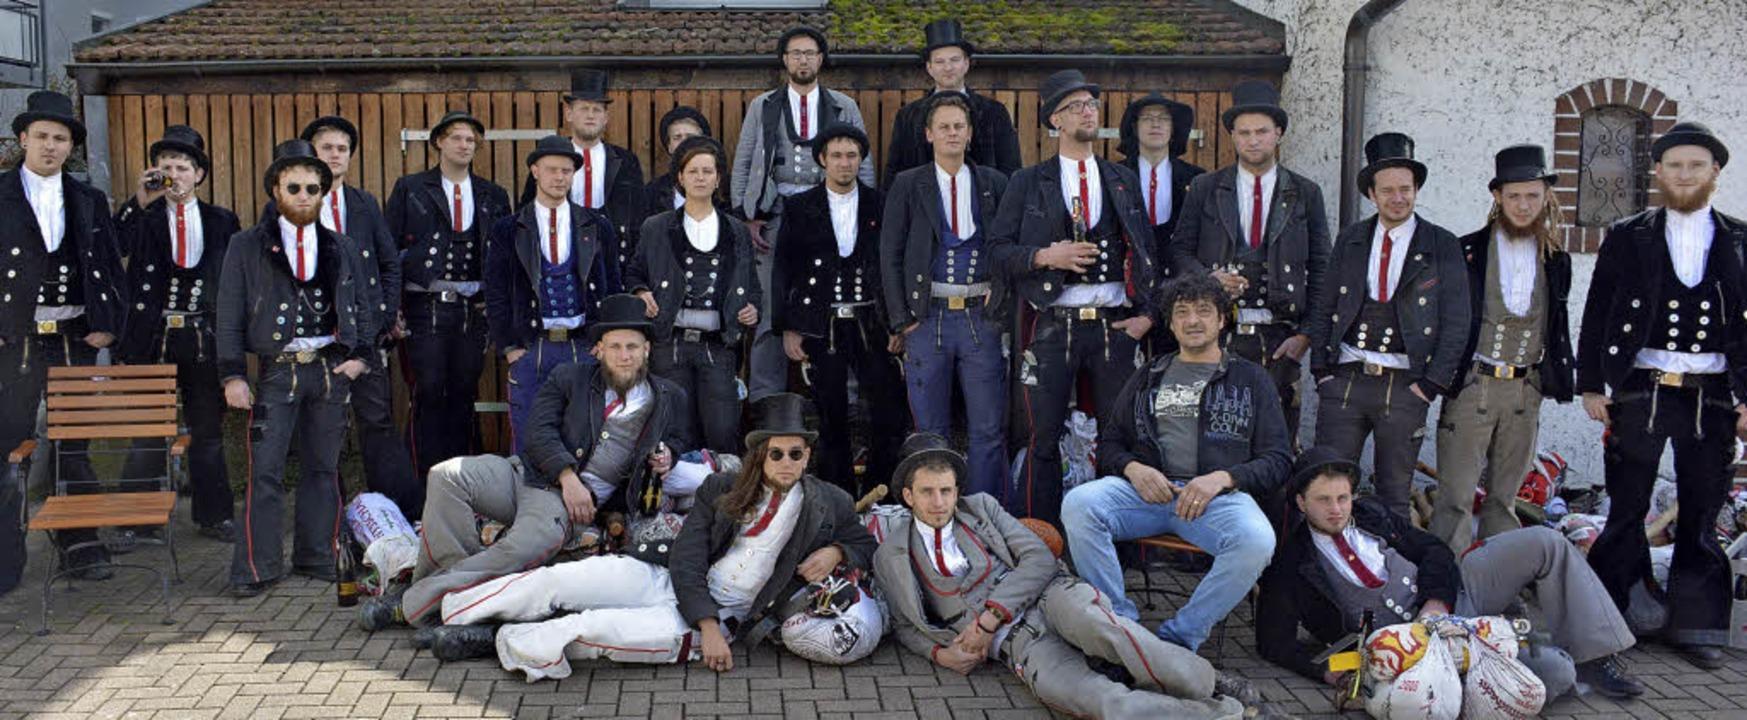 Einige der Teilnehmer am Jahrestreffen...em Weiler Gastgeber Umberto Impronta.   | Foto: Lauber